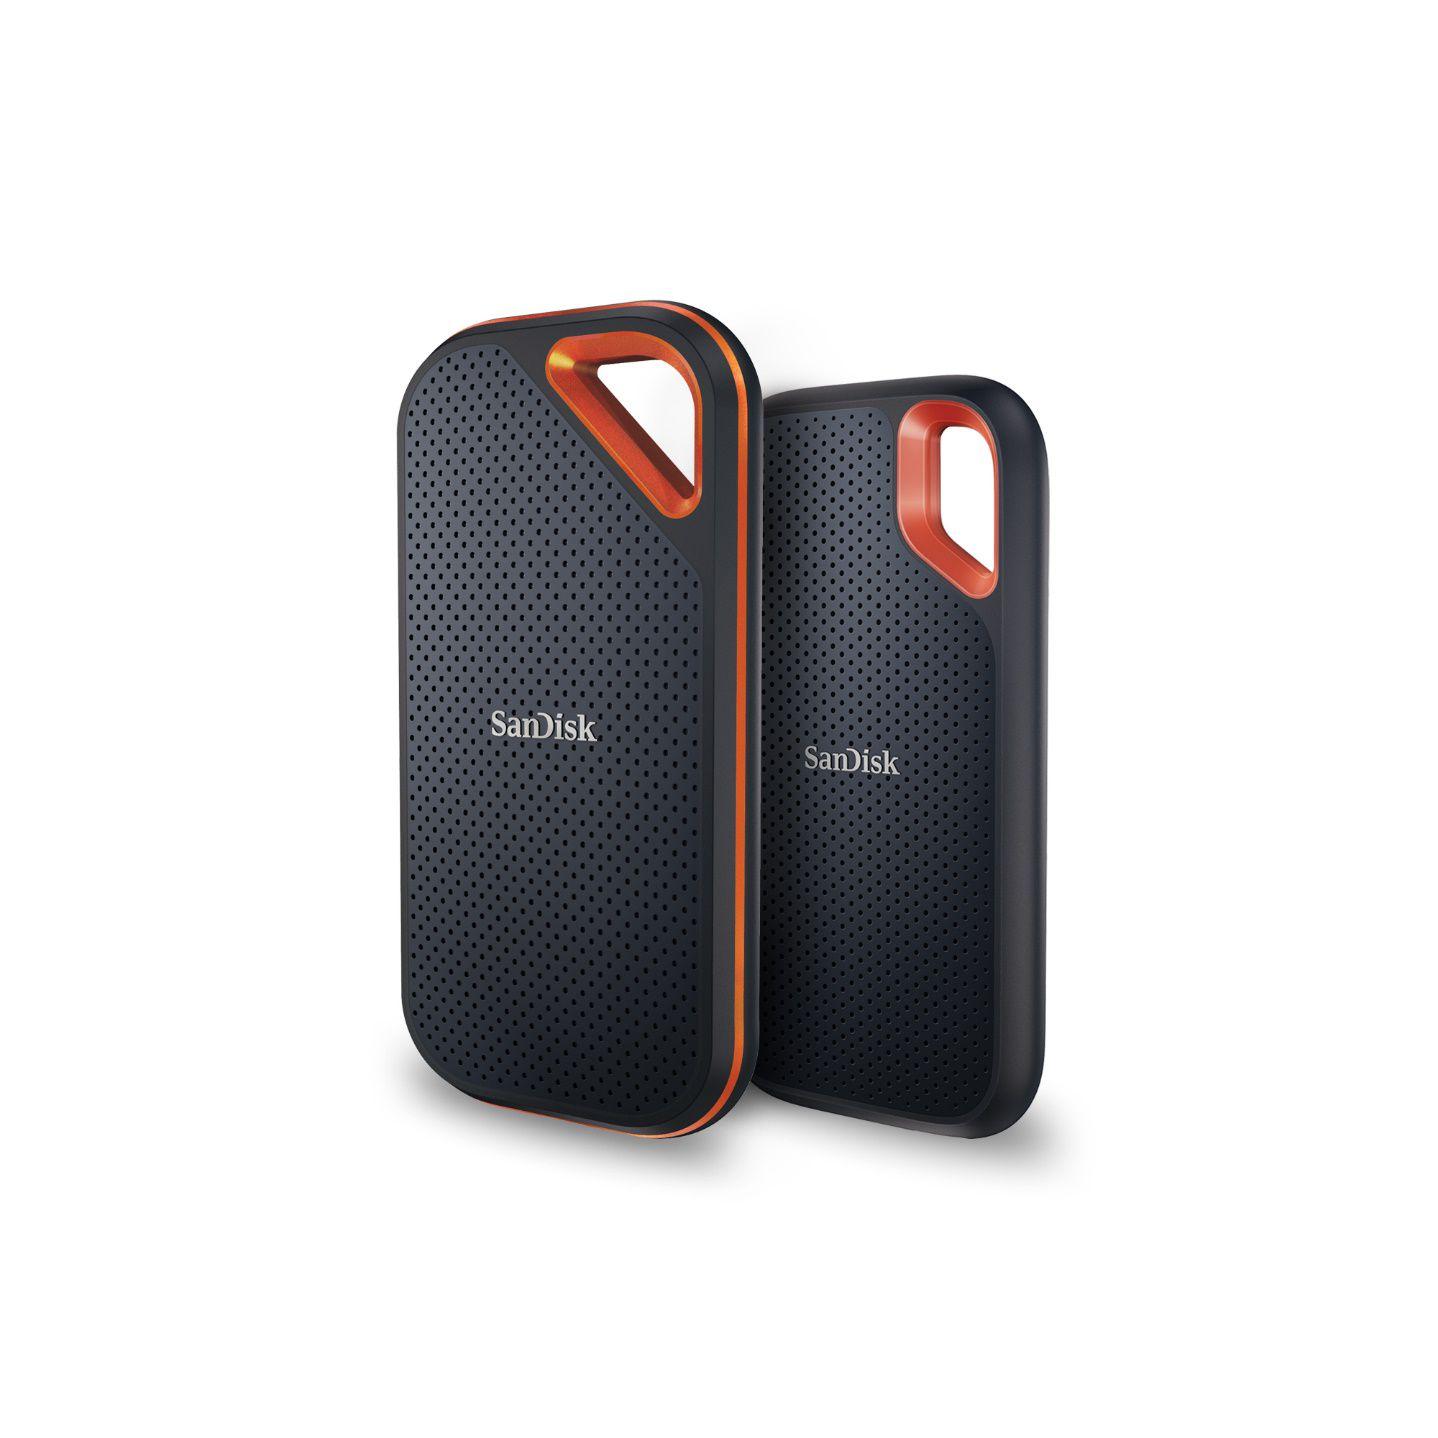 [ACTUALITE] SanDisk Extreme - La nouvelle gamme de disques SSD Portables de Western Digital